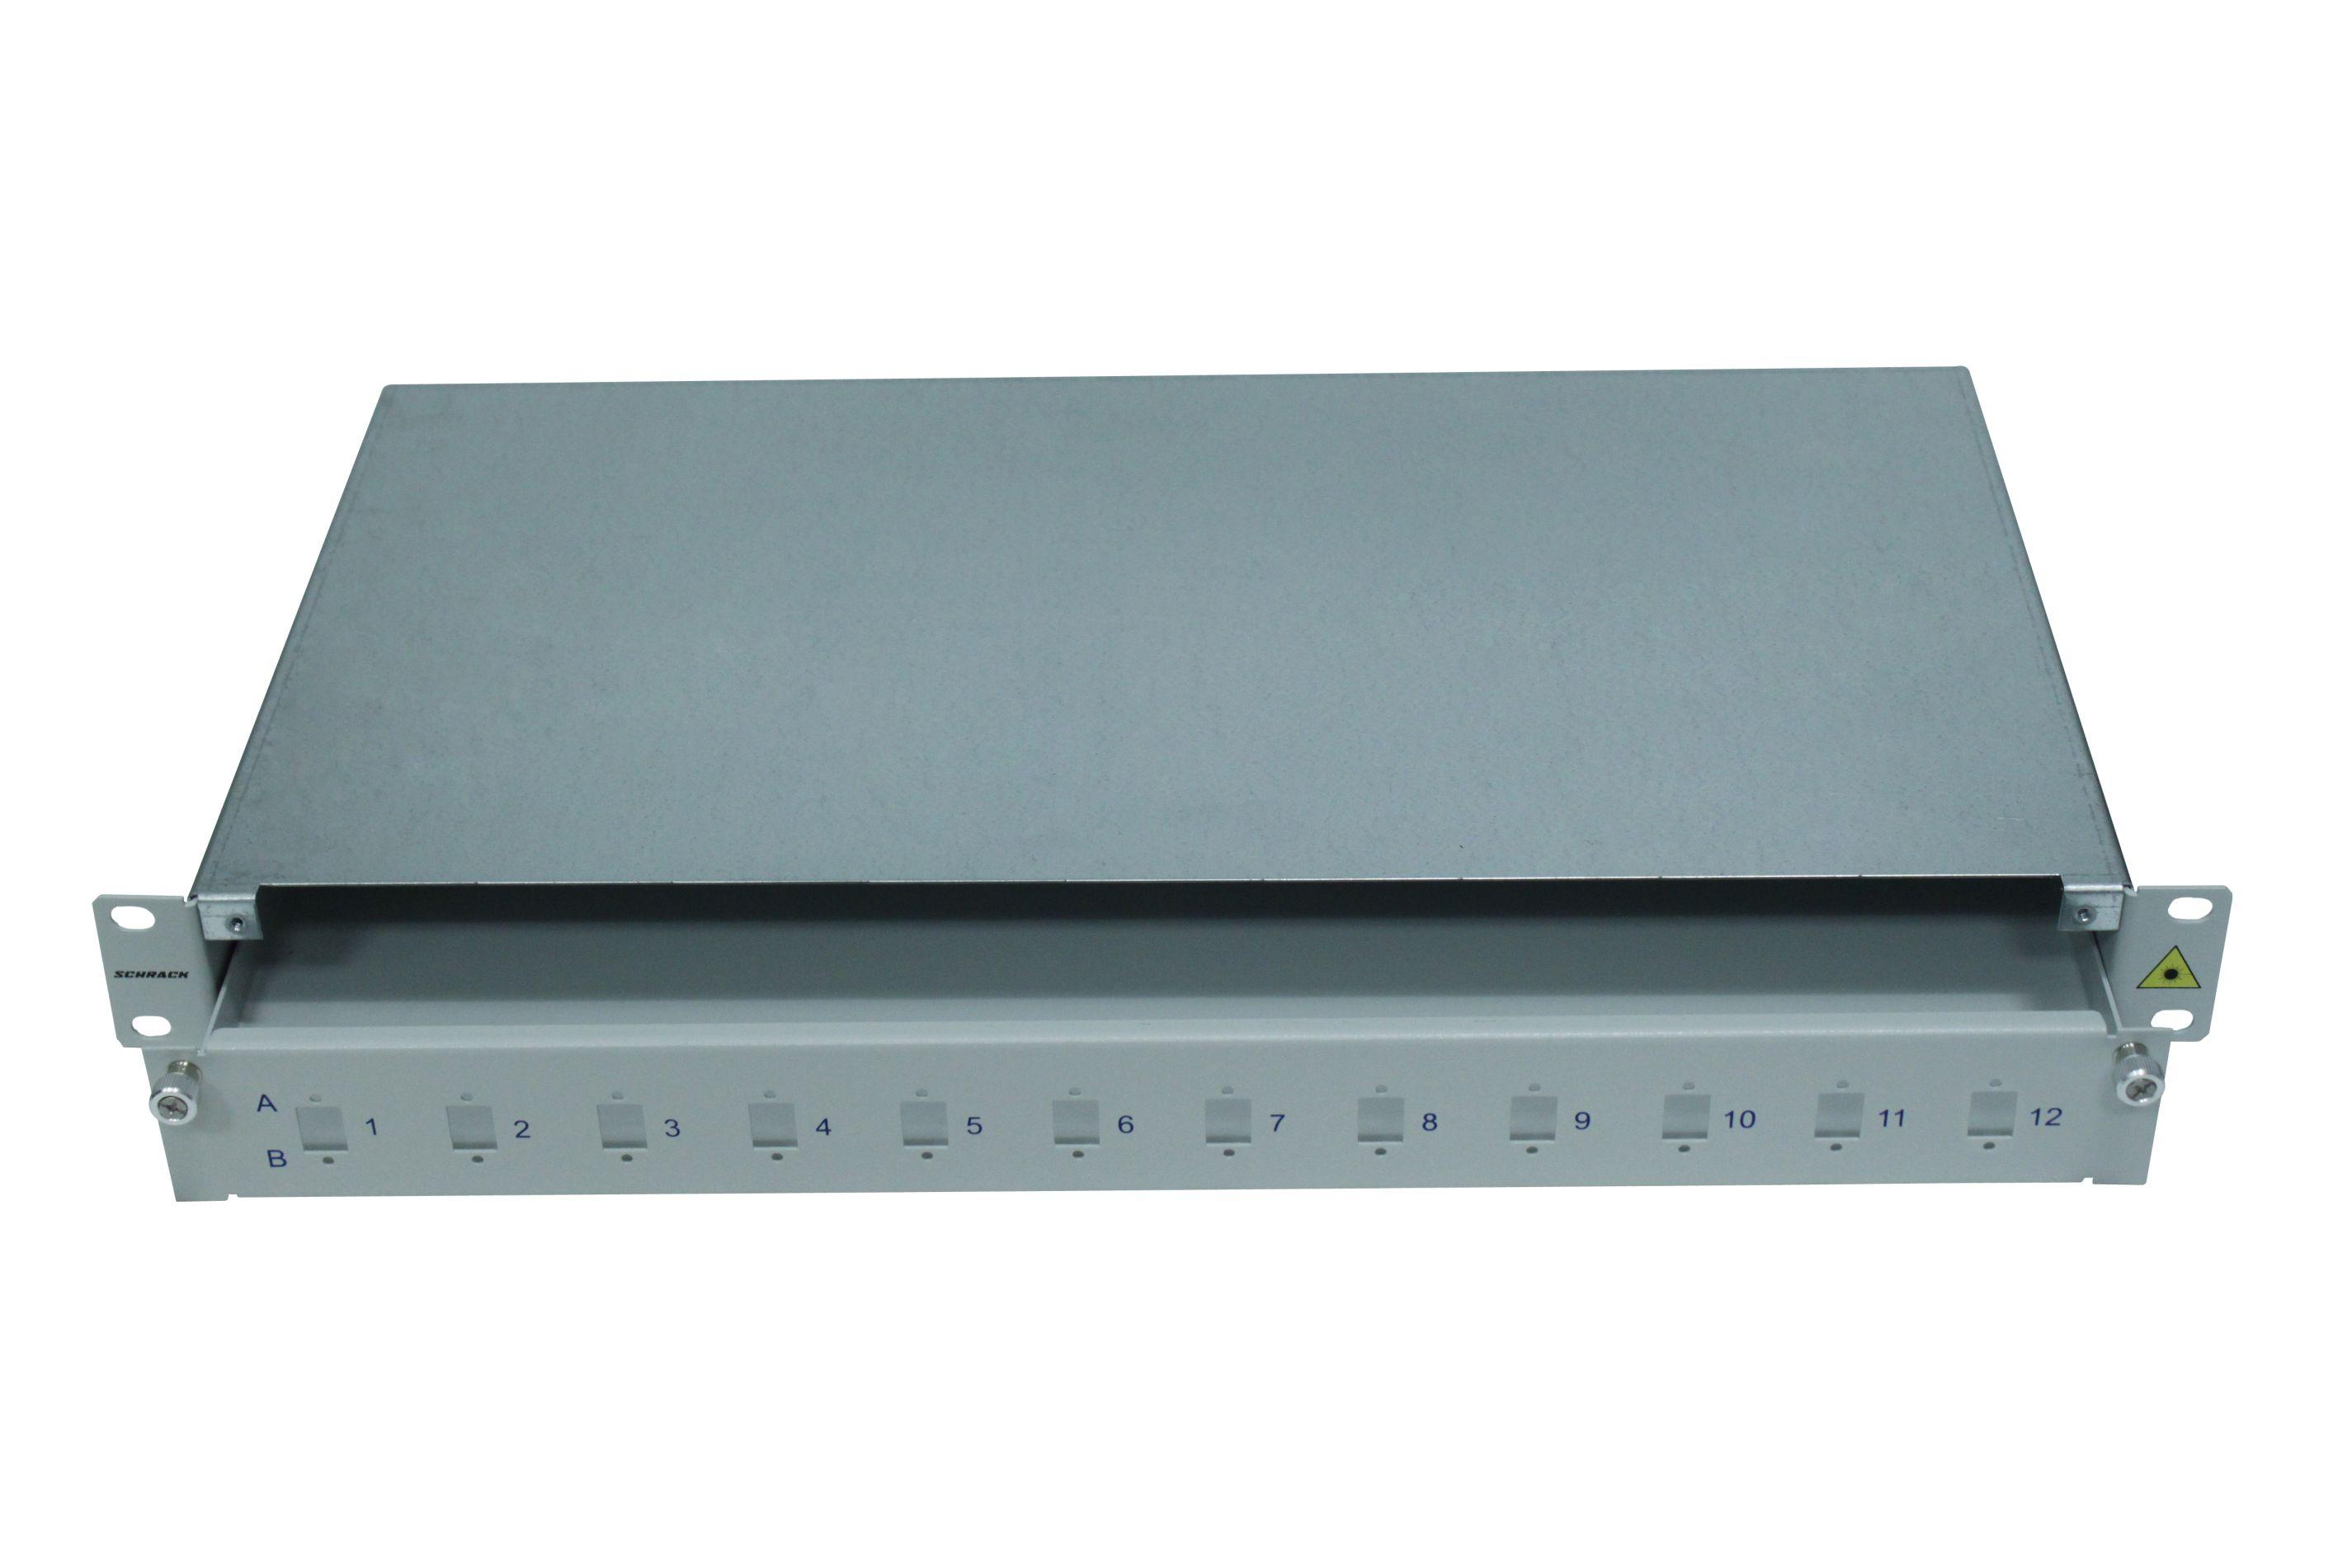 1 Stk LWL Spleißbox leer für 12 LC-Duplex Kupplungen, 1HE, RAL7035 HSELS240LG